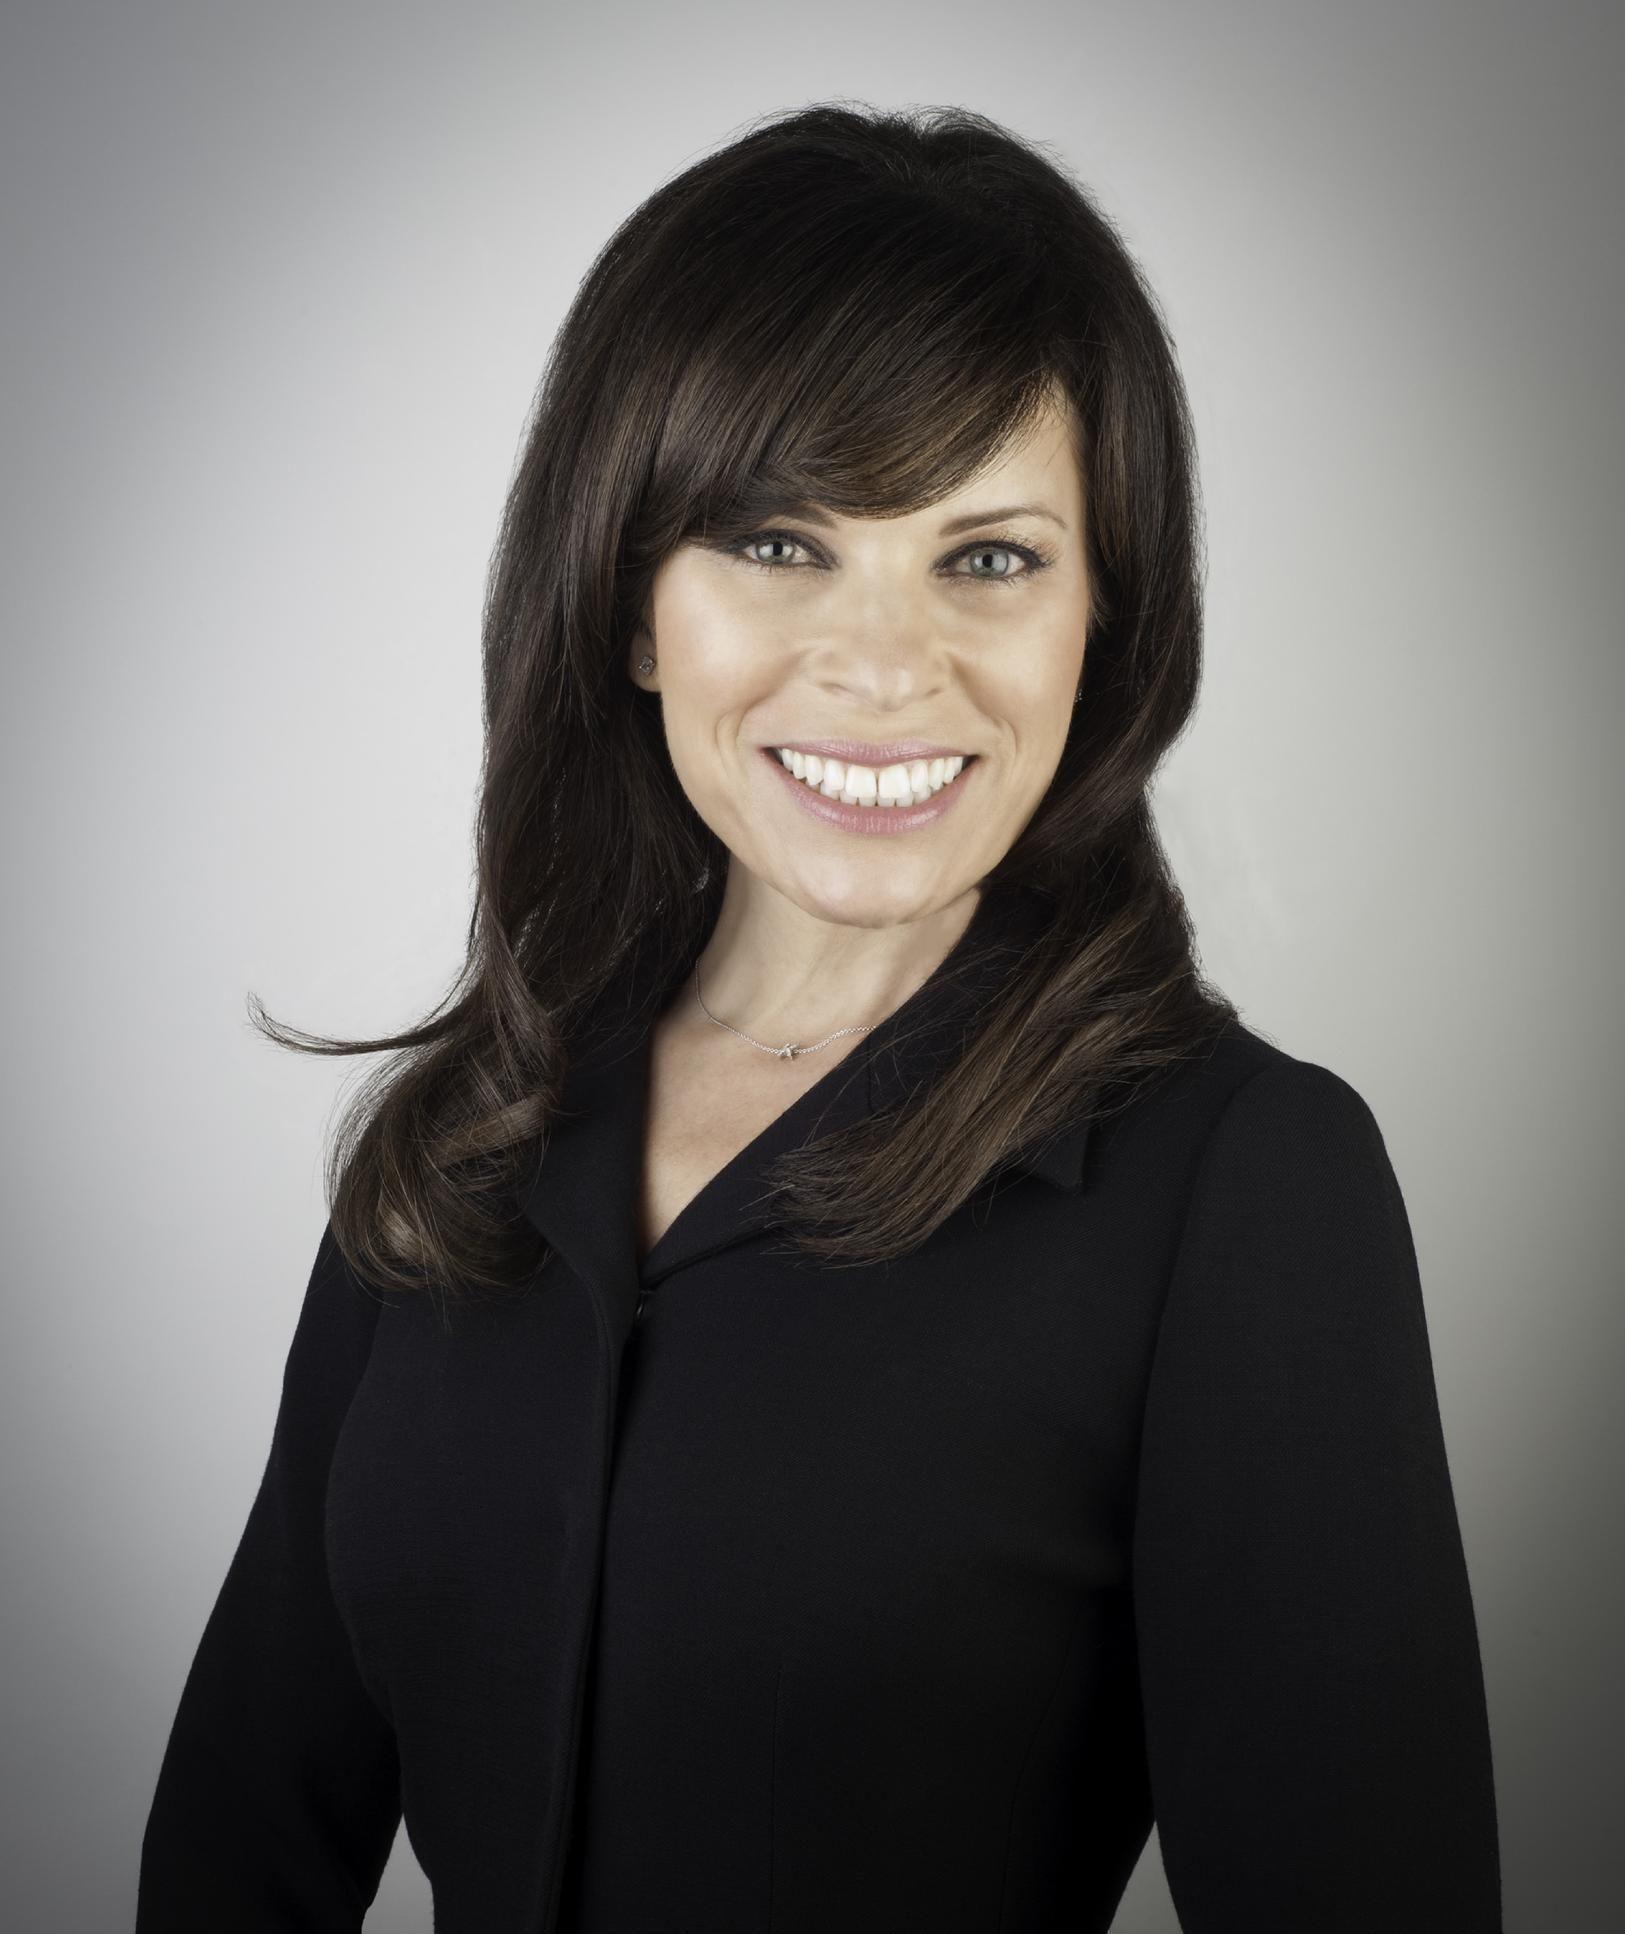 Katie Lever